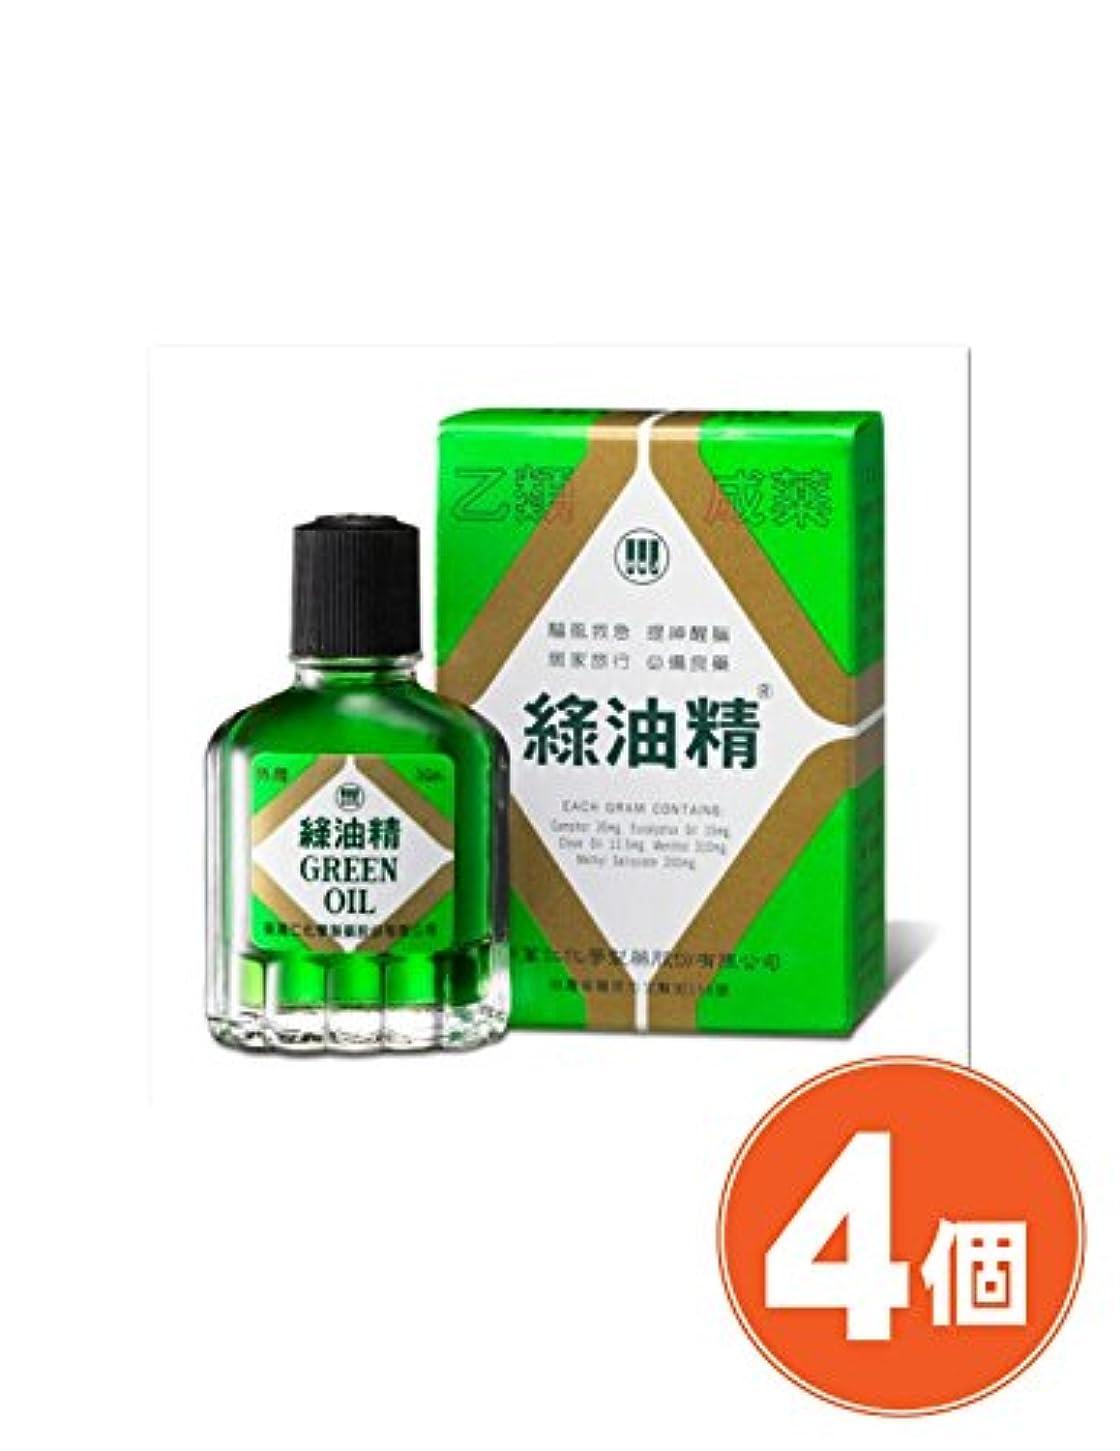 離婚タイト任命する《新萬仁》台湾の万能グリーンオイル 緑油精 3g ×4個 《台湾 お土産》 [並行輸入品]